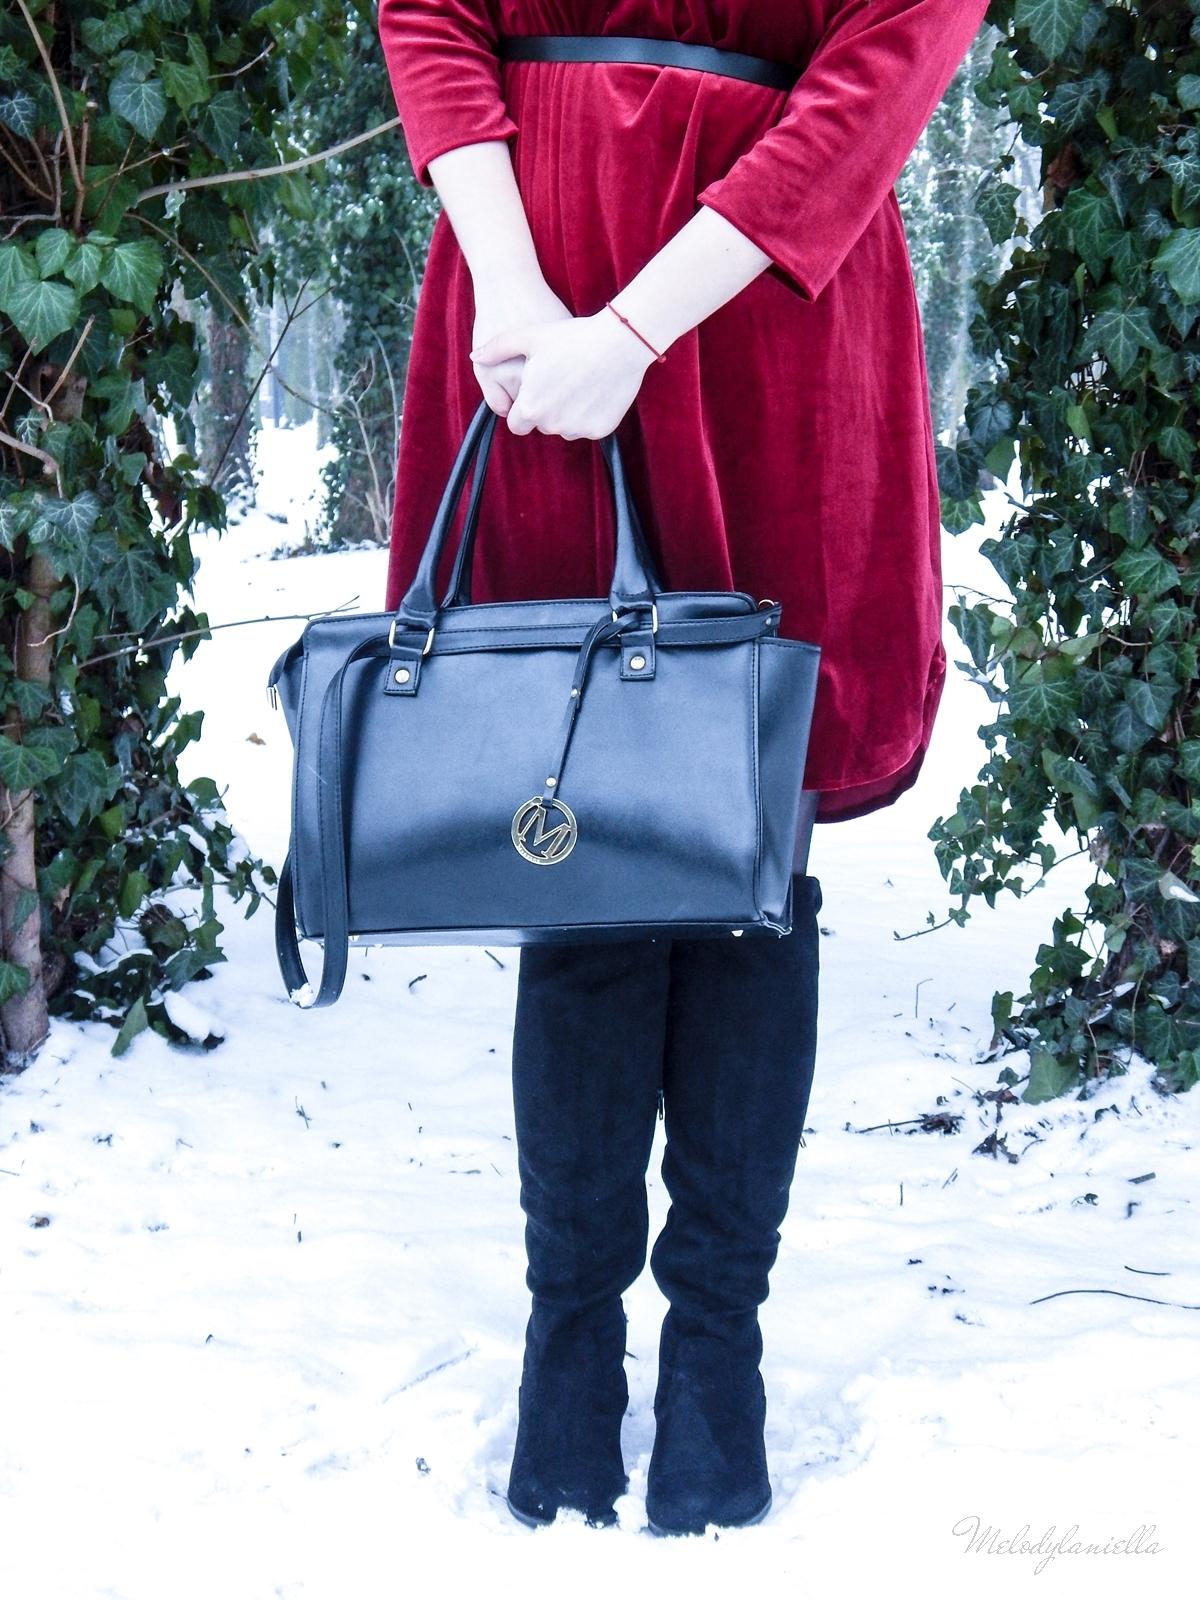 006 torebka manzana czarna czerwona aksamitna  sukienka zaful choker sammydress girl fashion zimowy lookbook stylizacja melodylaniella rajstopy veera pończochy fashion moda szary płaszcz muszkieterki deichmann